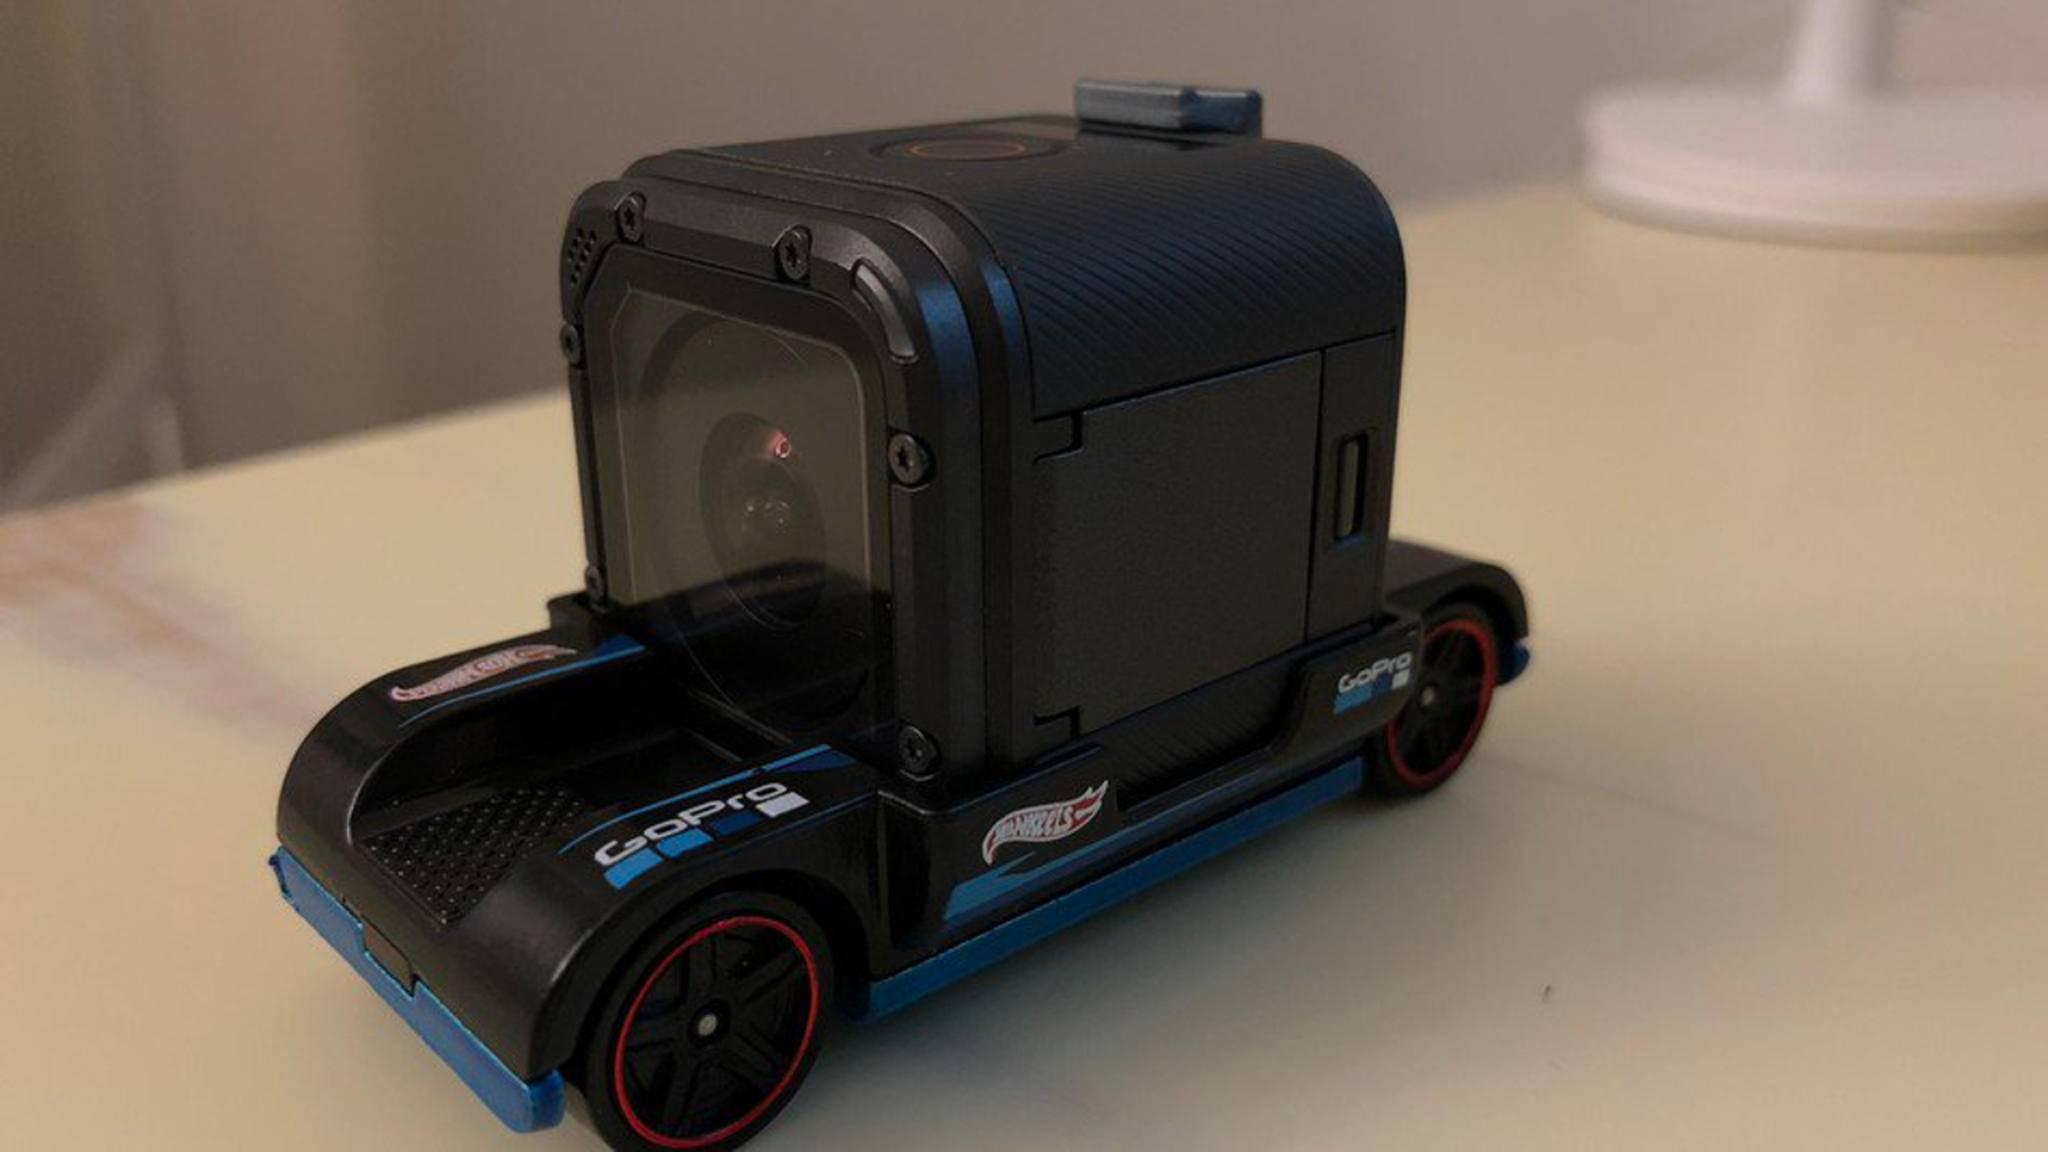 Die GoPro Session passt perfekt auf den kleinen Hot-Wheels-Flitzer.